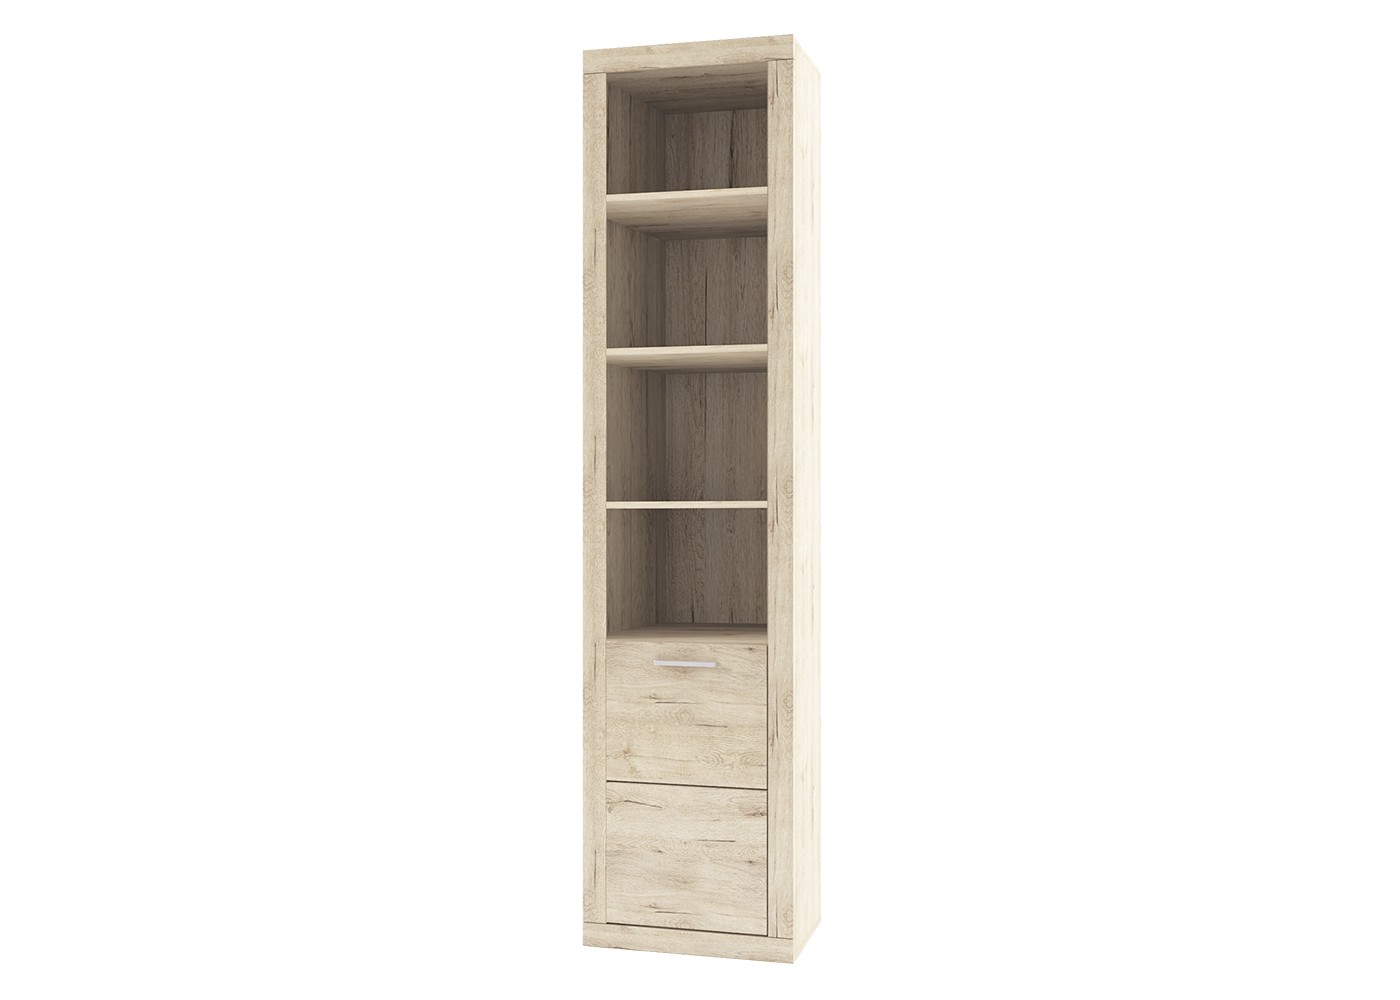 Шкаф OscarКнижные шкафы и библиотеки<br><br><br>Material: ДСП<br>Width см: 52<br>Depth см: 35.1<br>Height см: 217.3